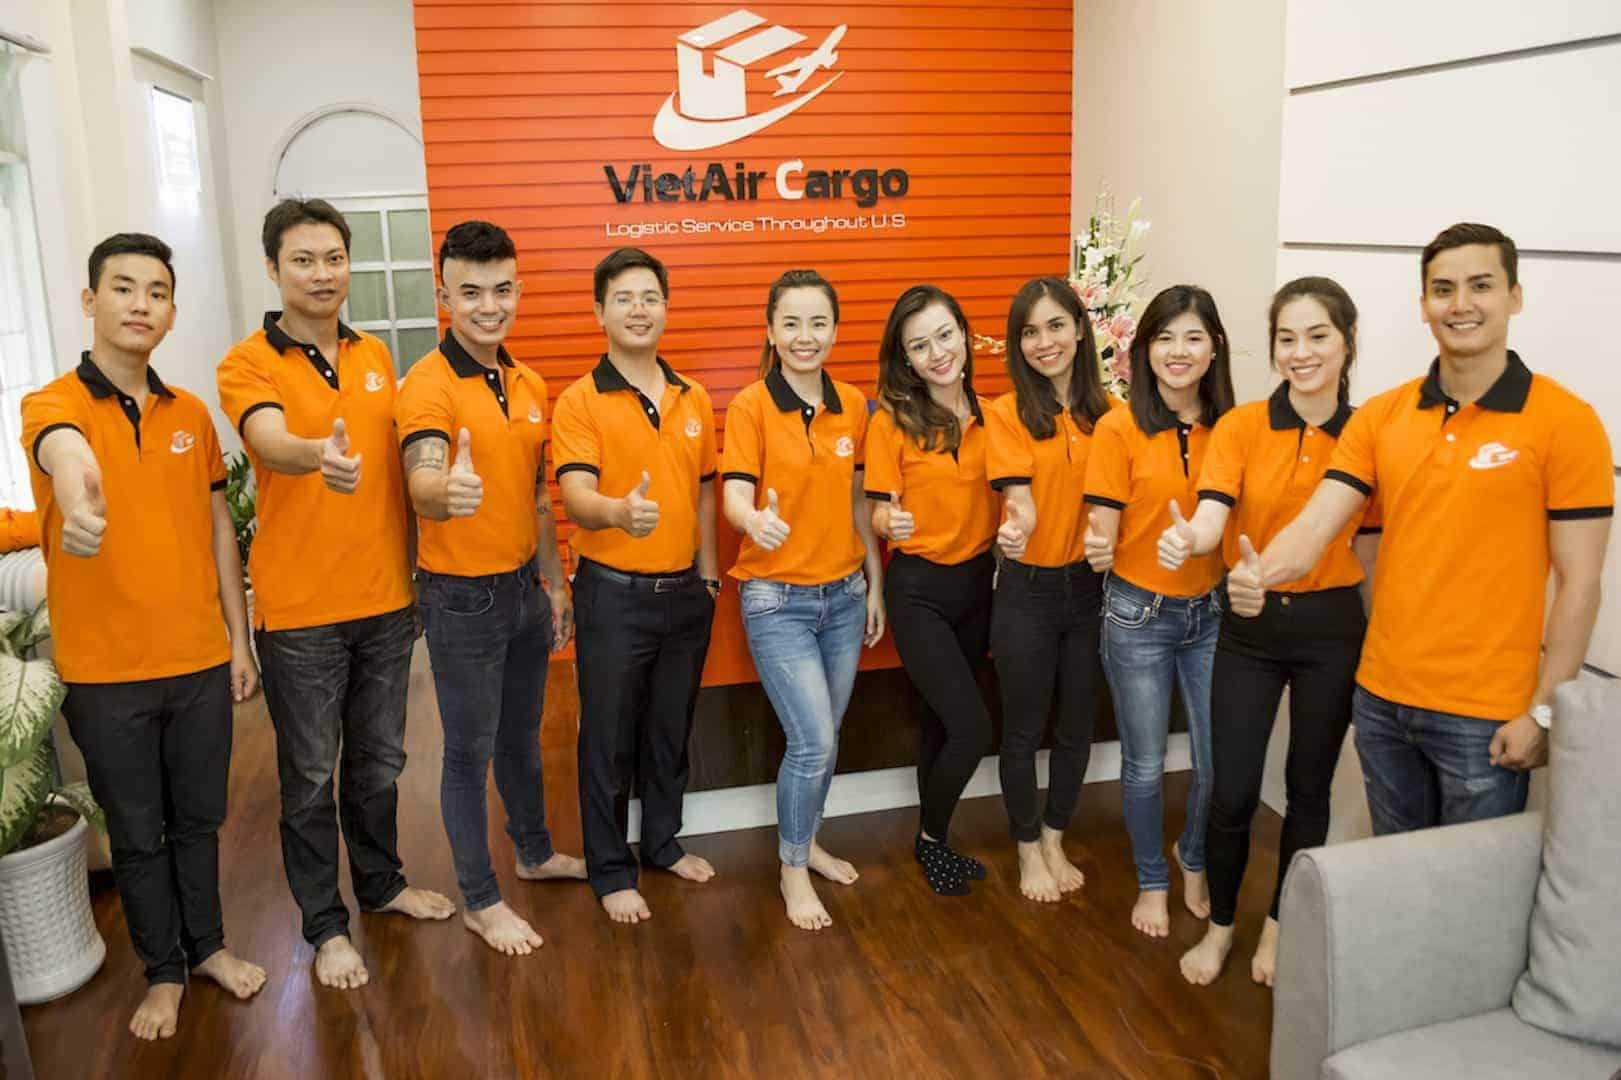 u-điểm-của-dịch-vụ-gửi-hàng-từ-Mỹ-về-Việt-Nam-VietAir-Cargo Ưu điểm của dịch vụ gửi hàng từ Mỹ về Việt Nam VietAir Cargo